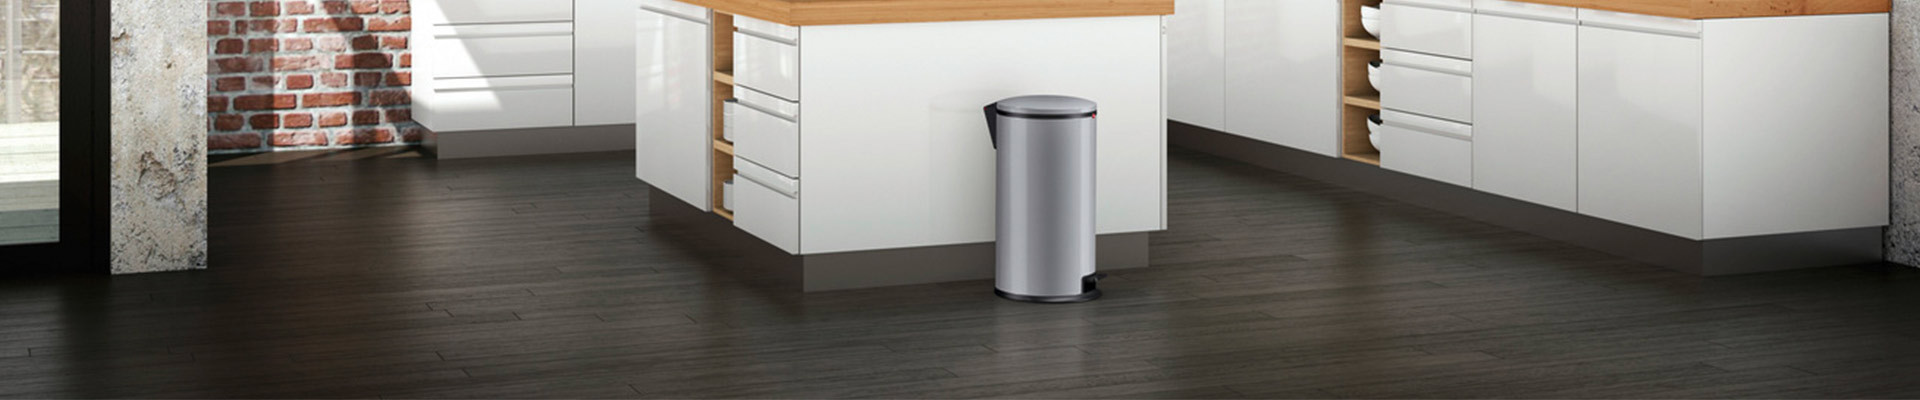 Achetez une poubelle de cuisine de haute qualité | Hailo